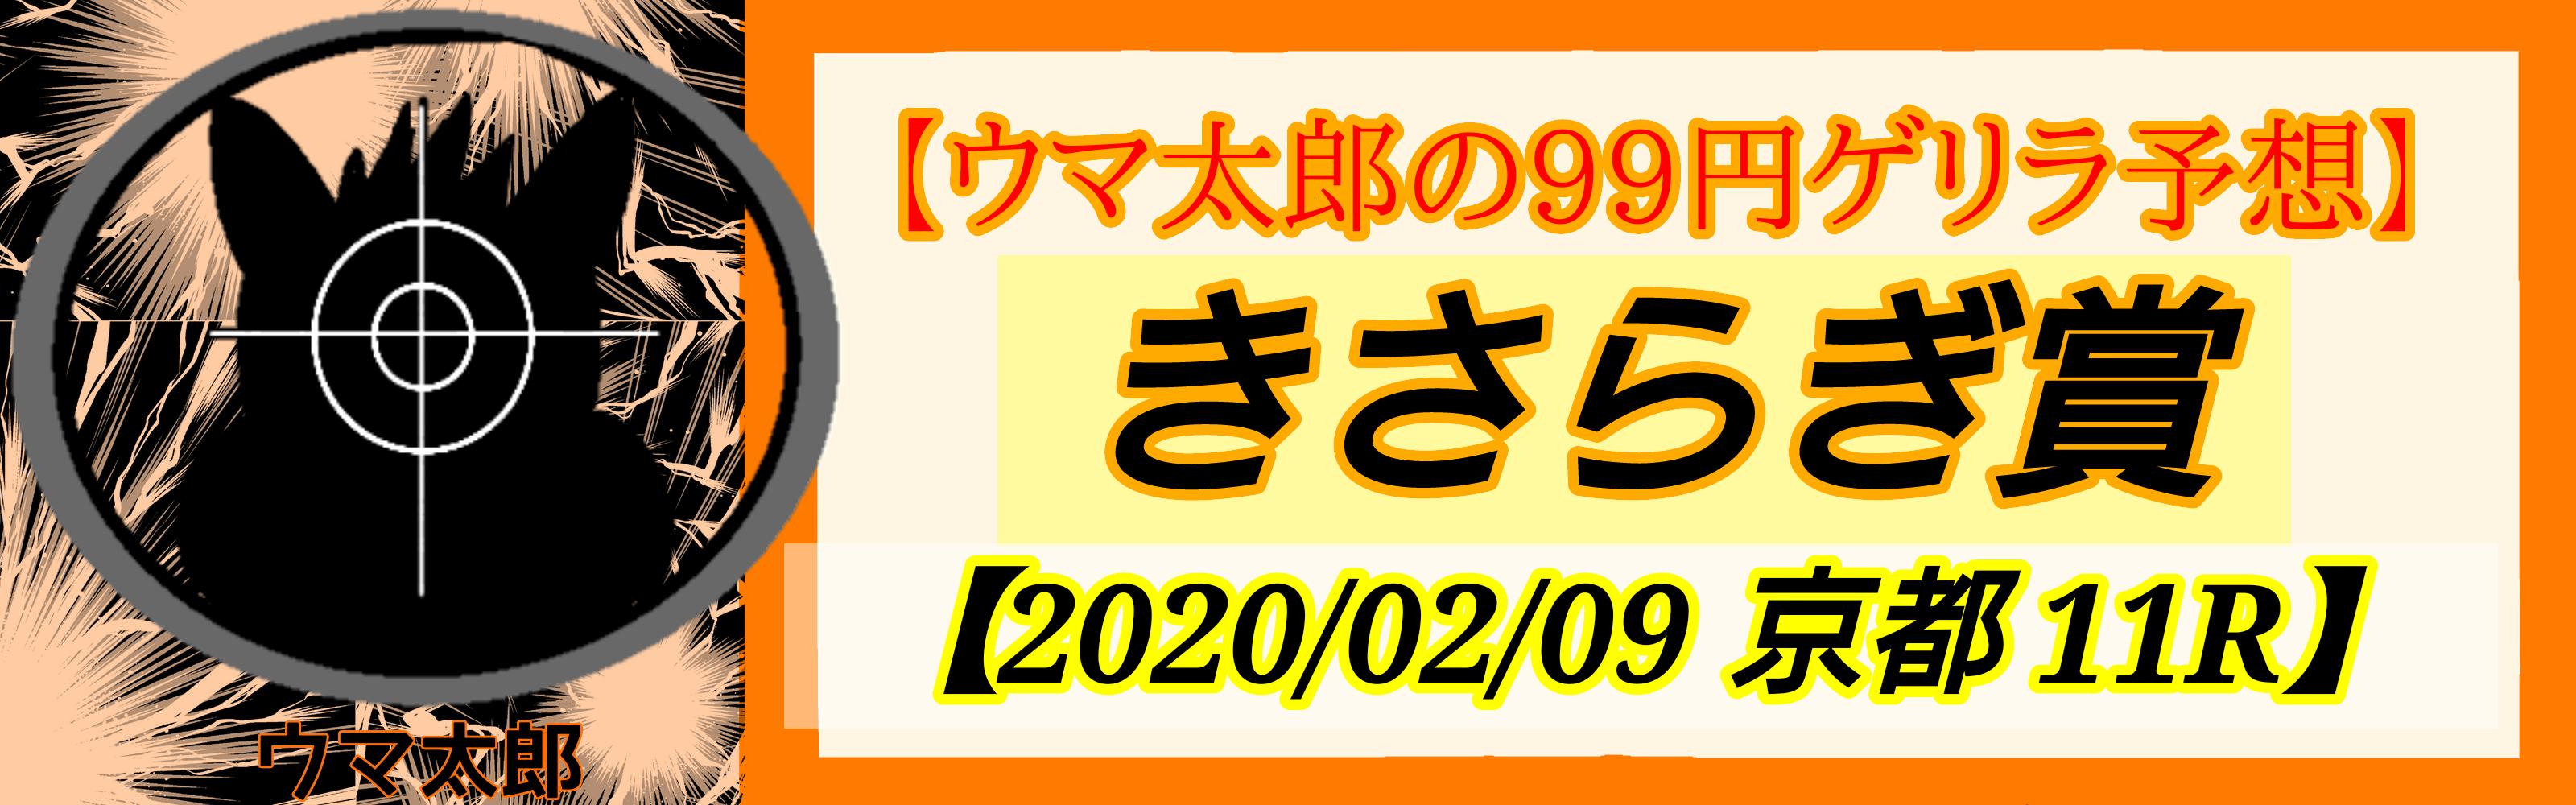 ゲリラ99予想 きさらぎ賞